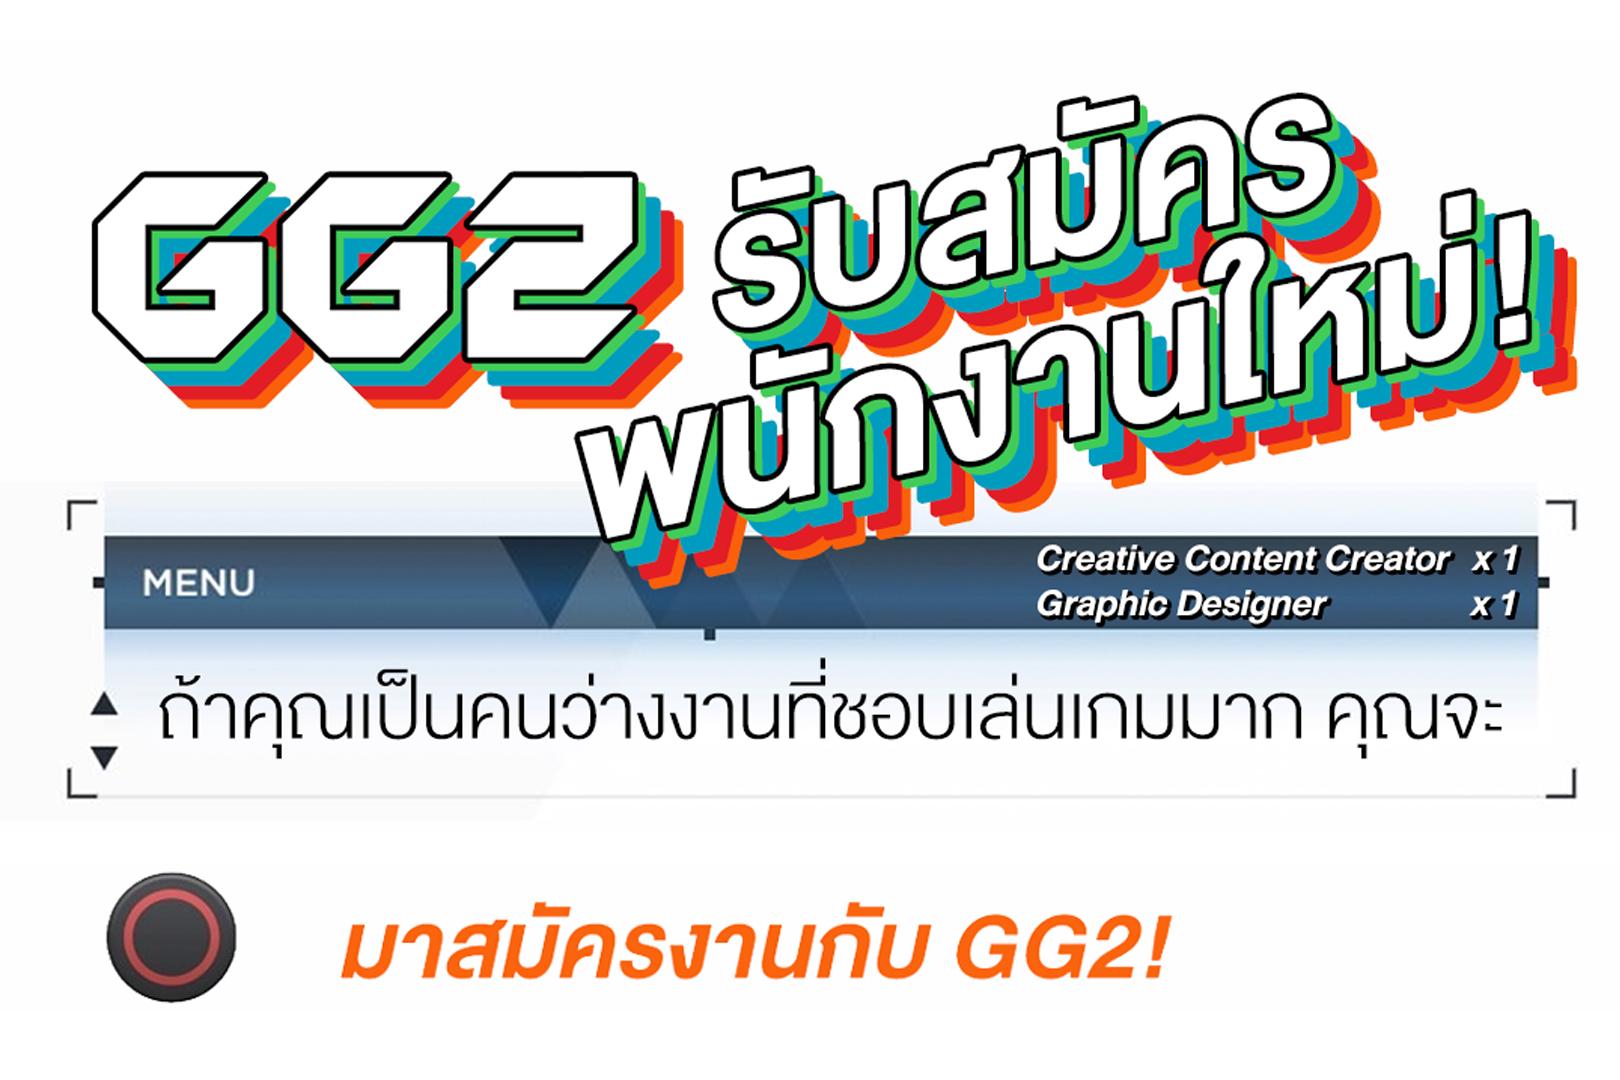 GG2รับสมัครพนักงานใหม่!